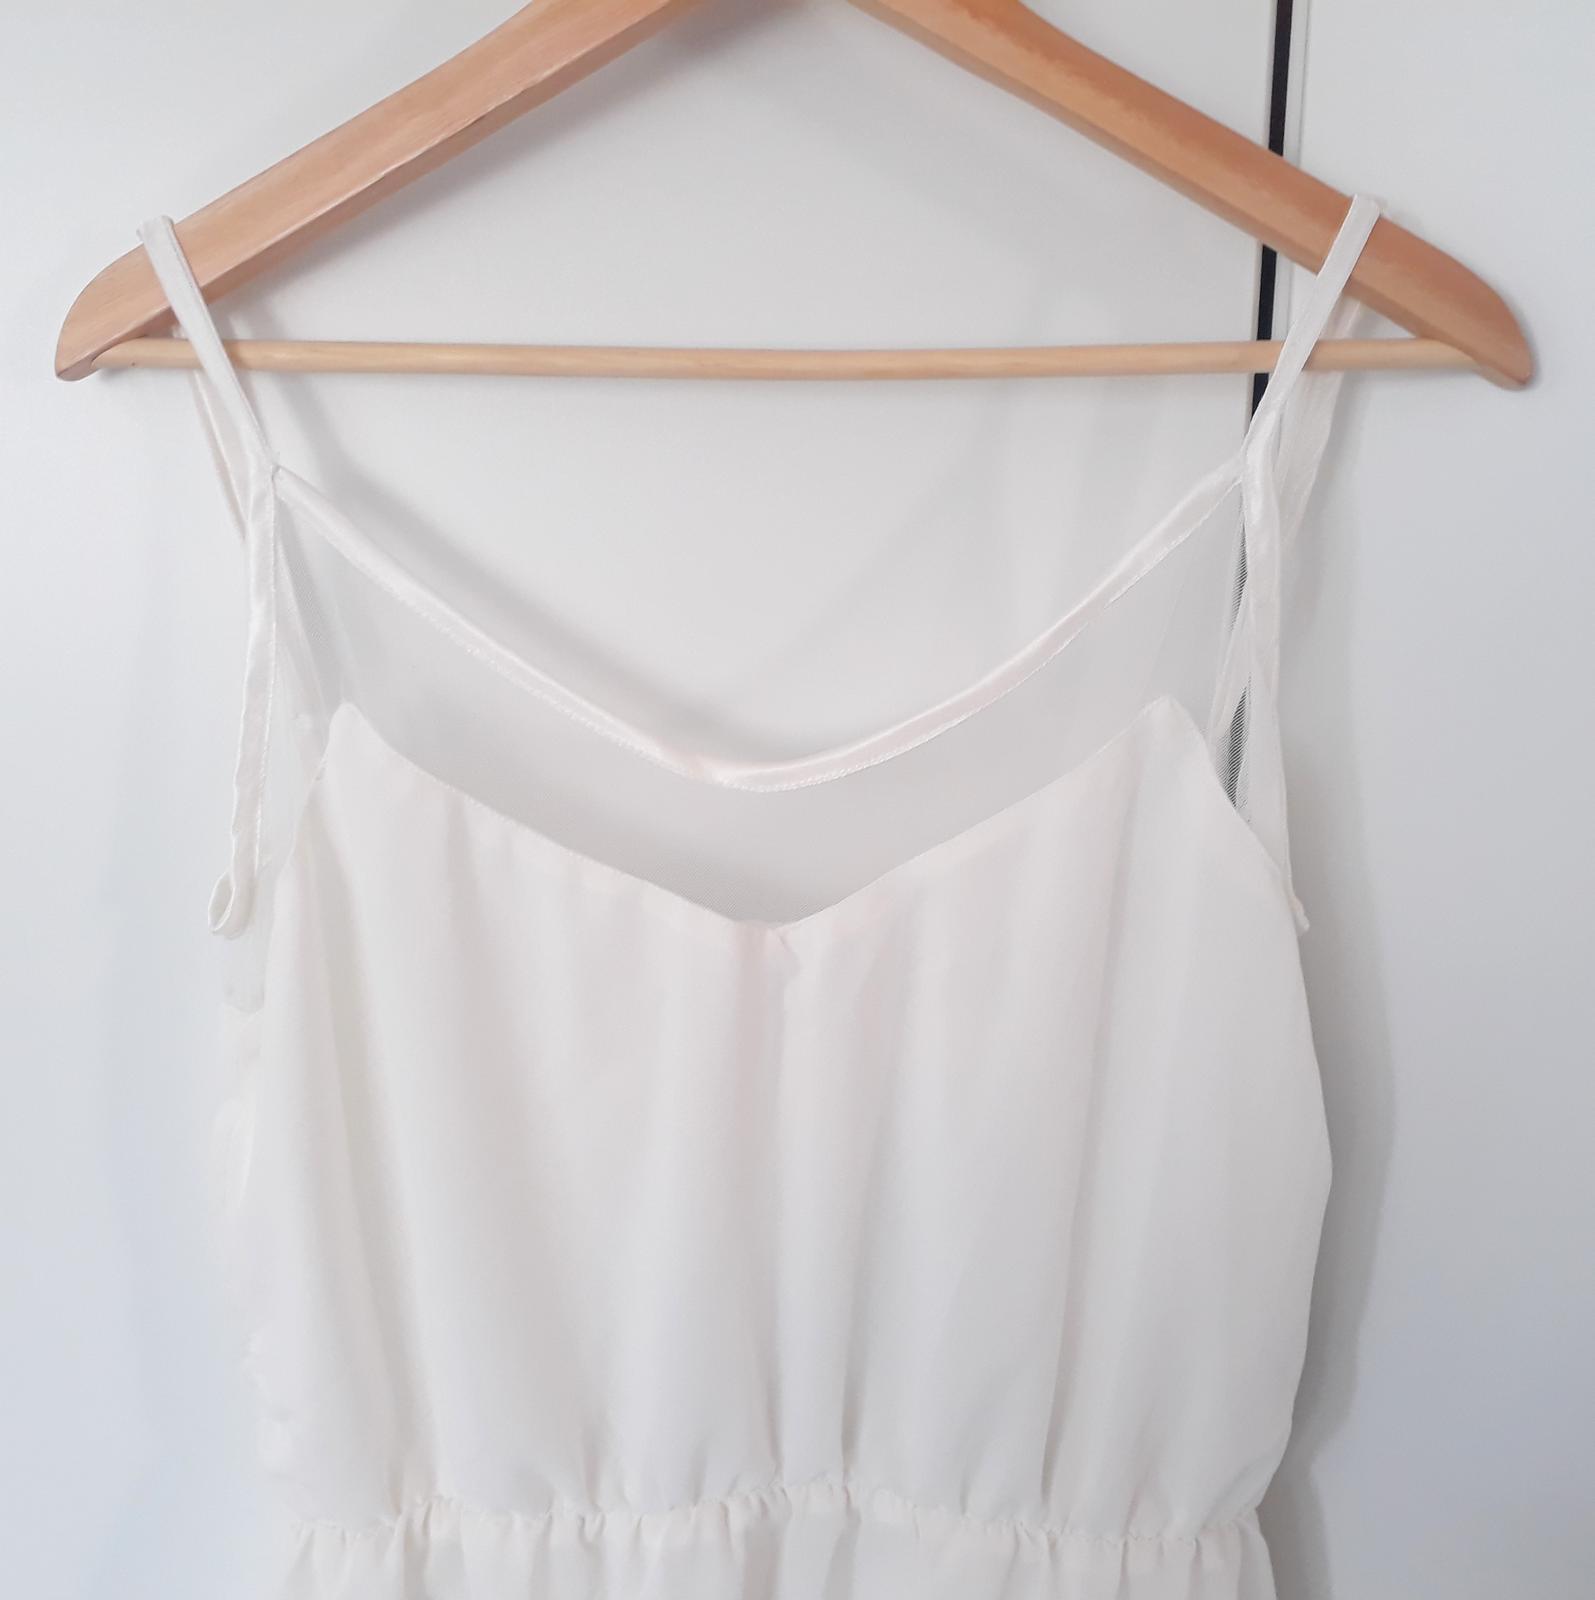 Šaty na ramínka - rezervace - Obrázek č. 1